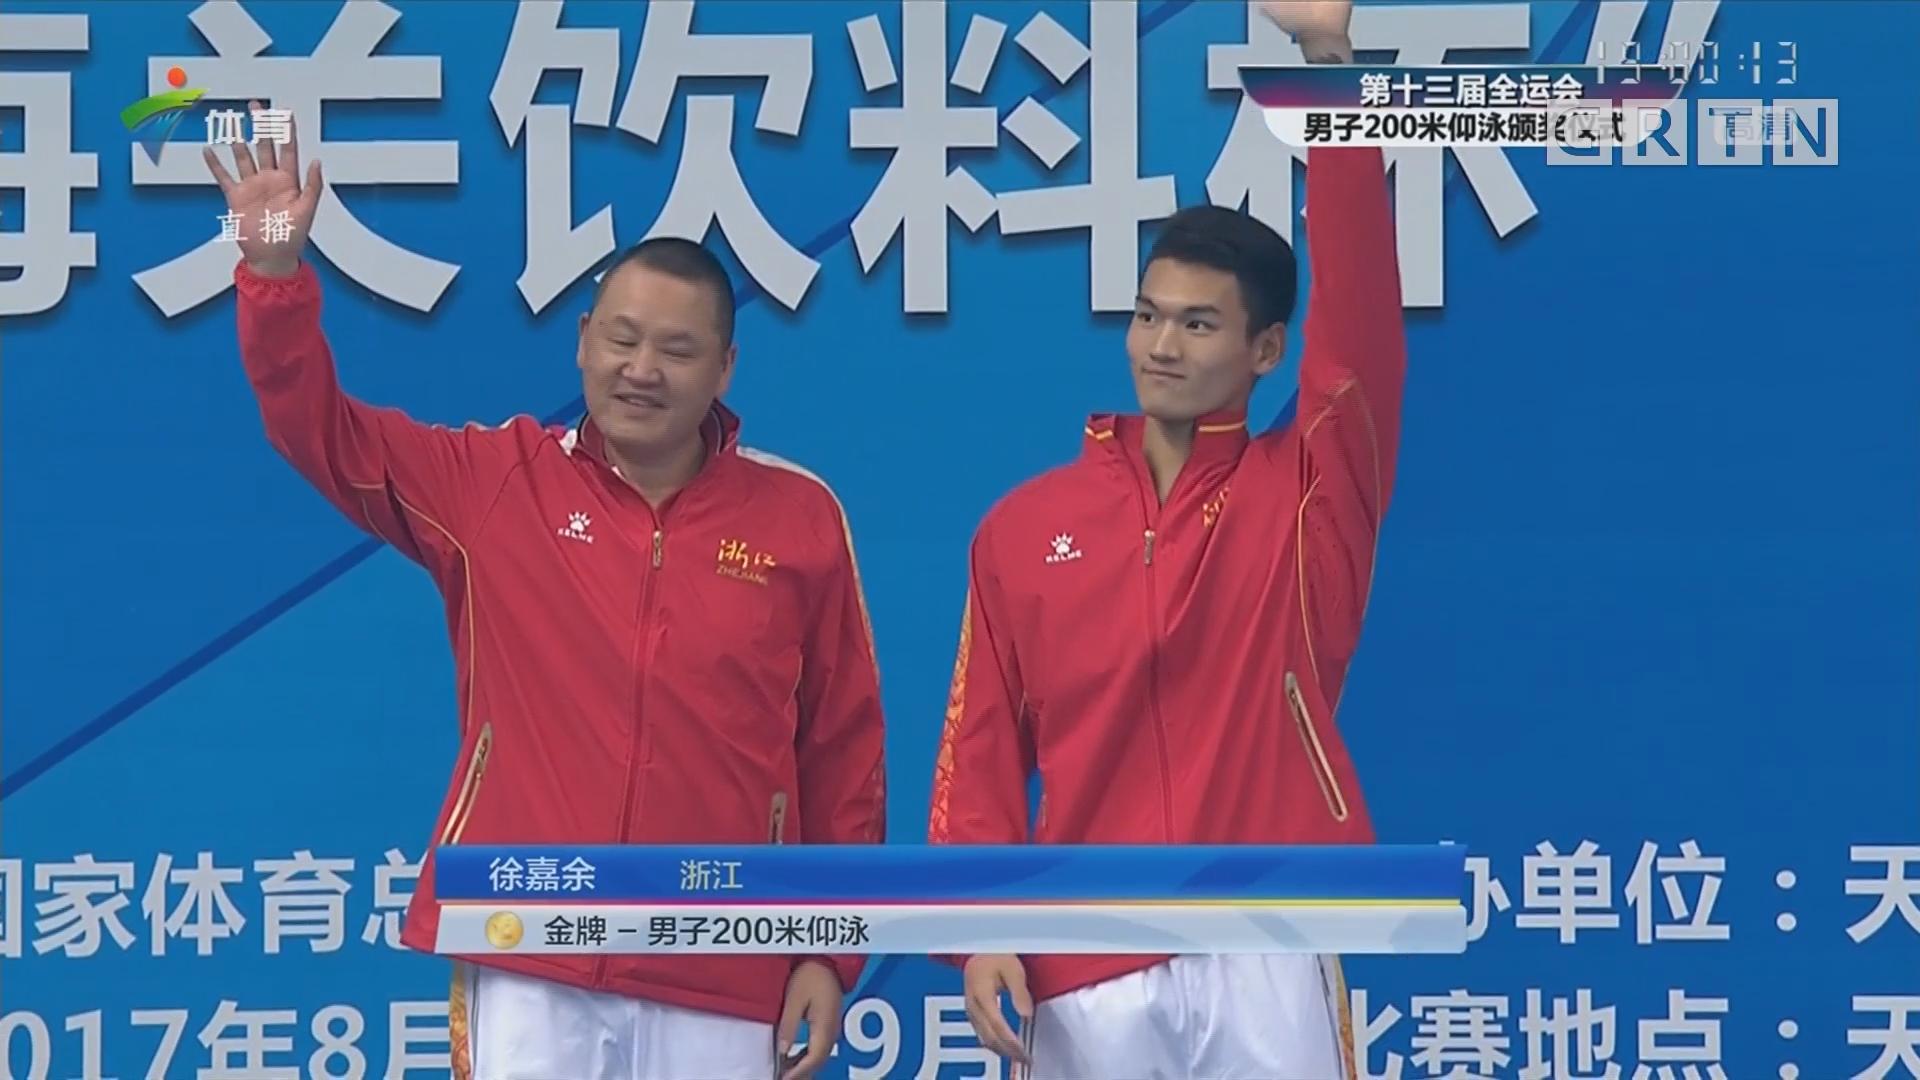 第十三届全运会:男子200米仰泳颁奖仪式